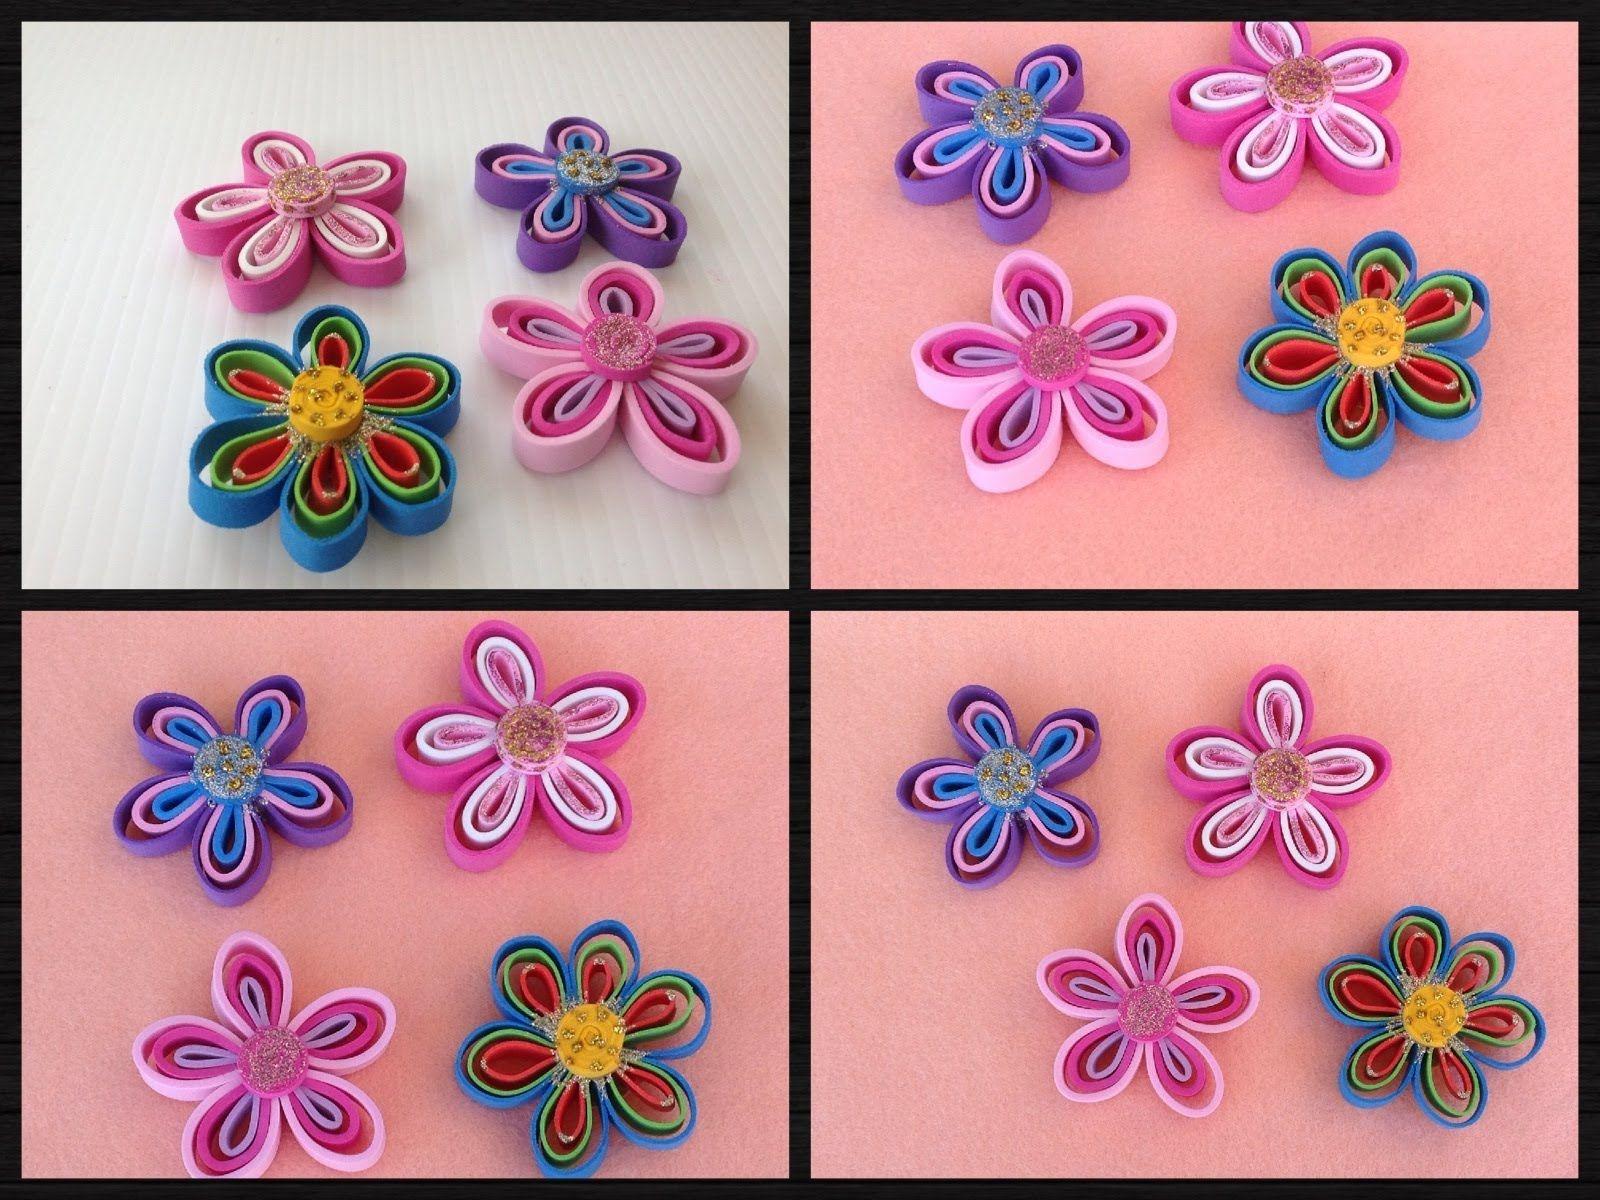 Flores Hechas Con Tiras De Foamy O Goma Eva Foam Flowers